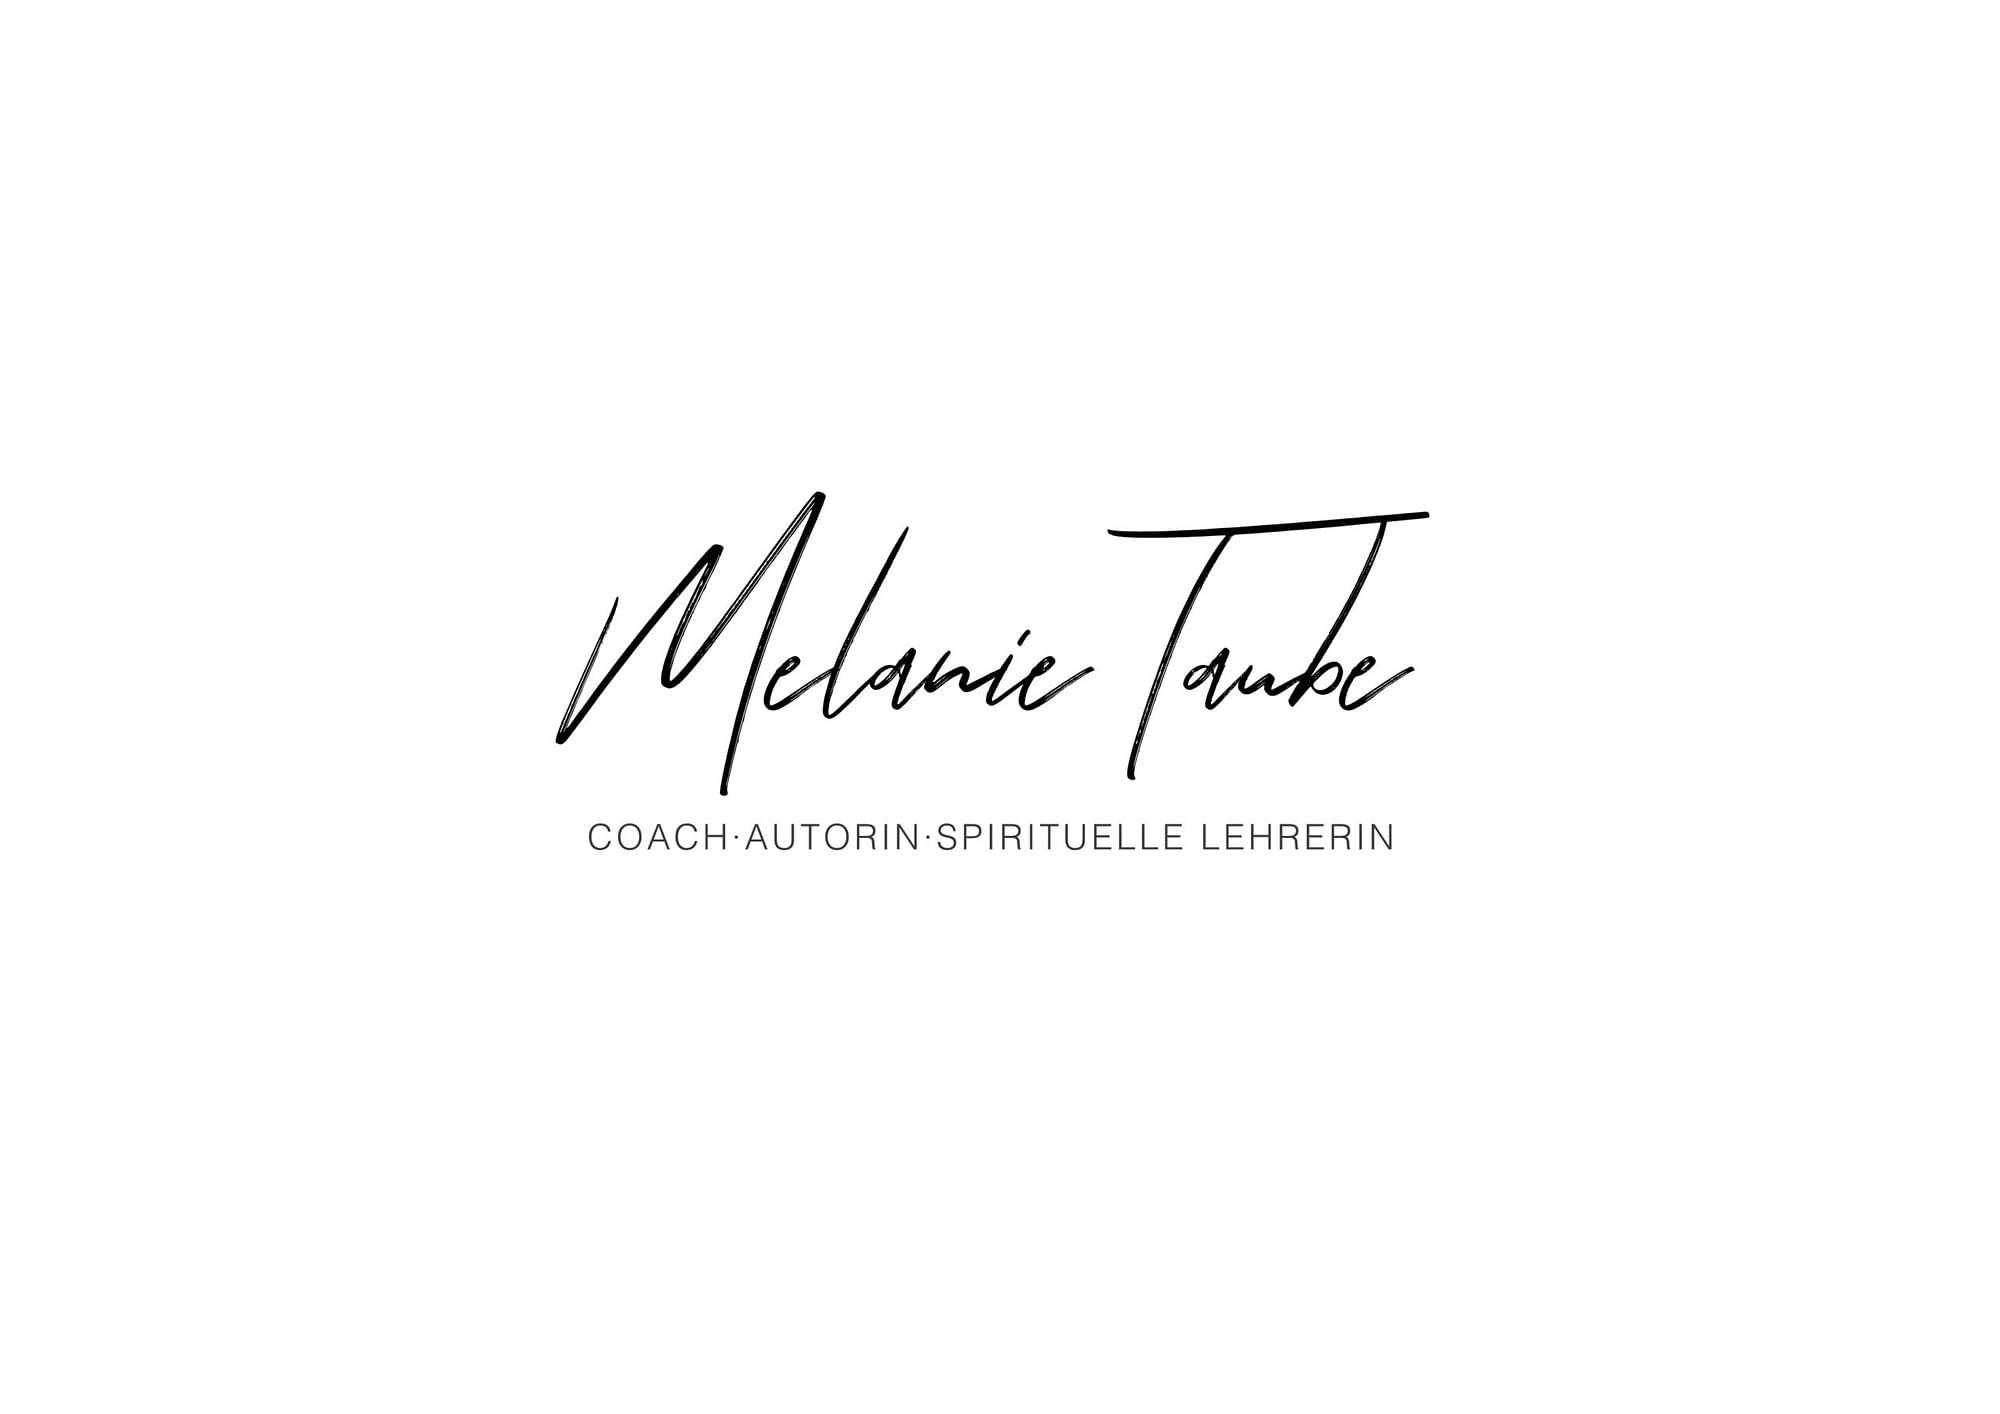 Logoerstellung Logodesign Melanie Taube